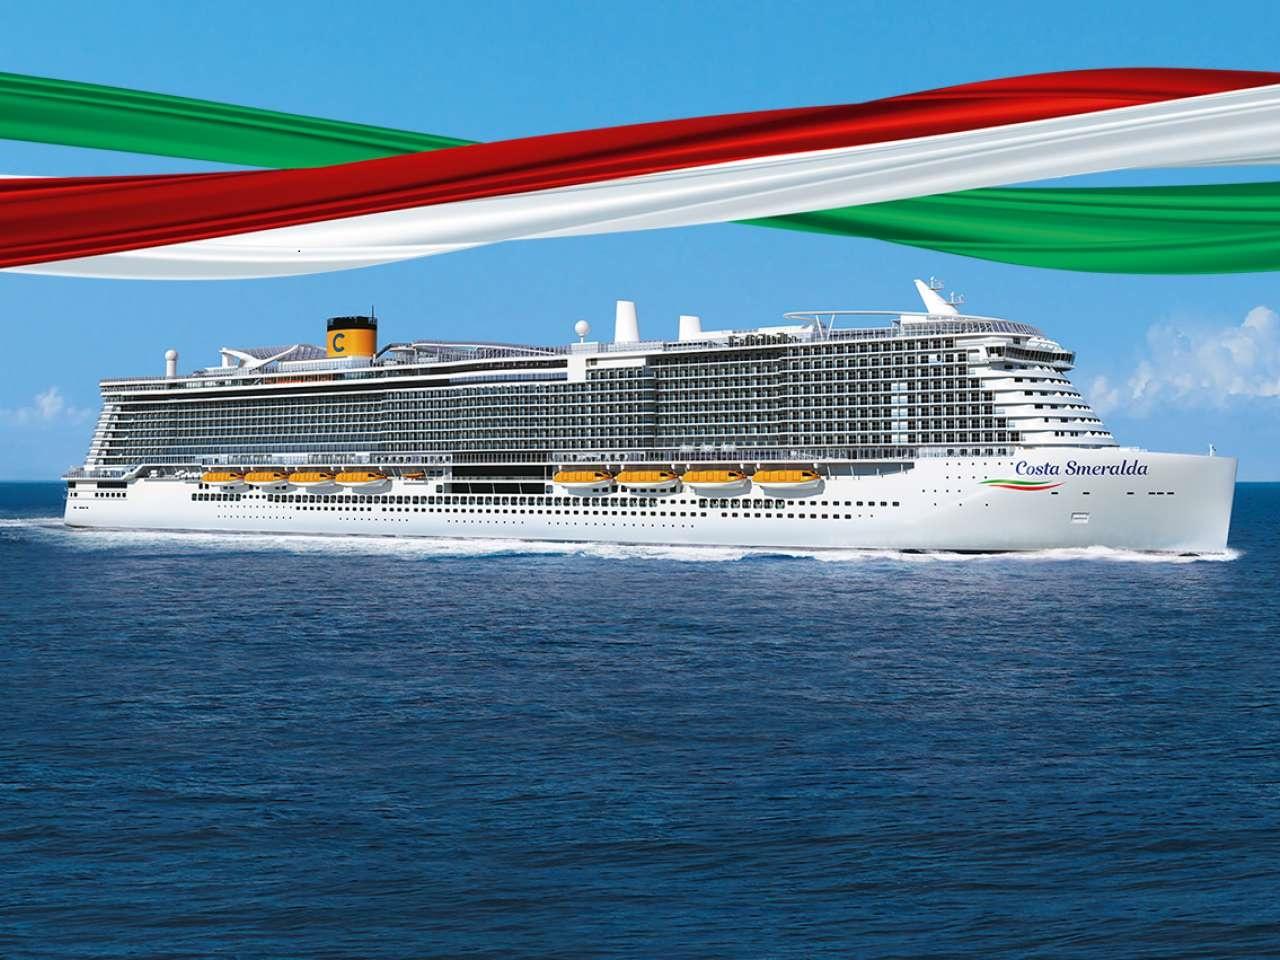 Costa smeralda crucero mediterraneo nov 2019